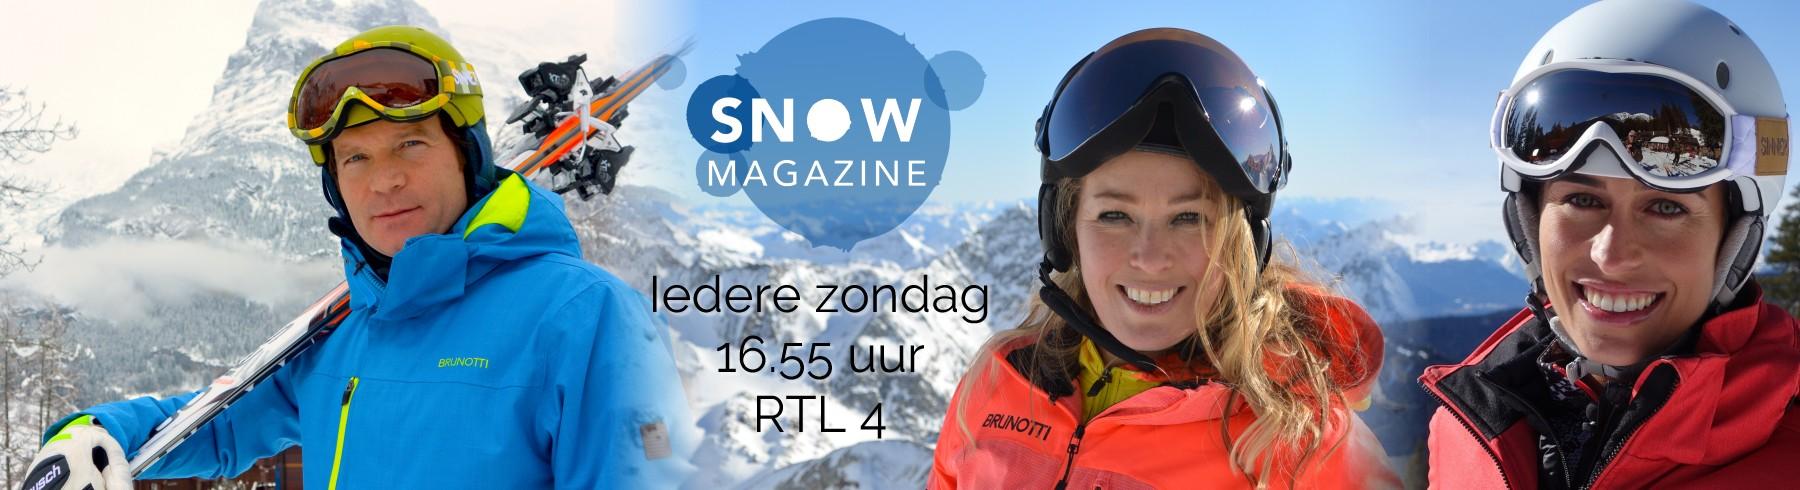 car-bags-snowmagazine-16-17-sml